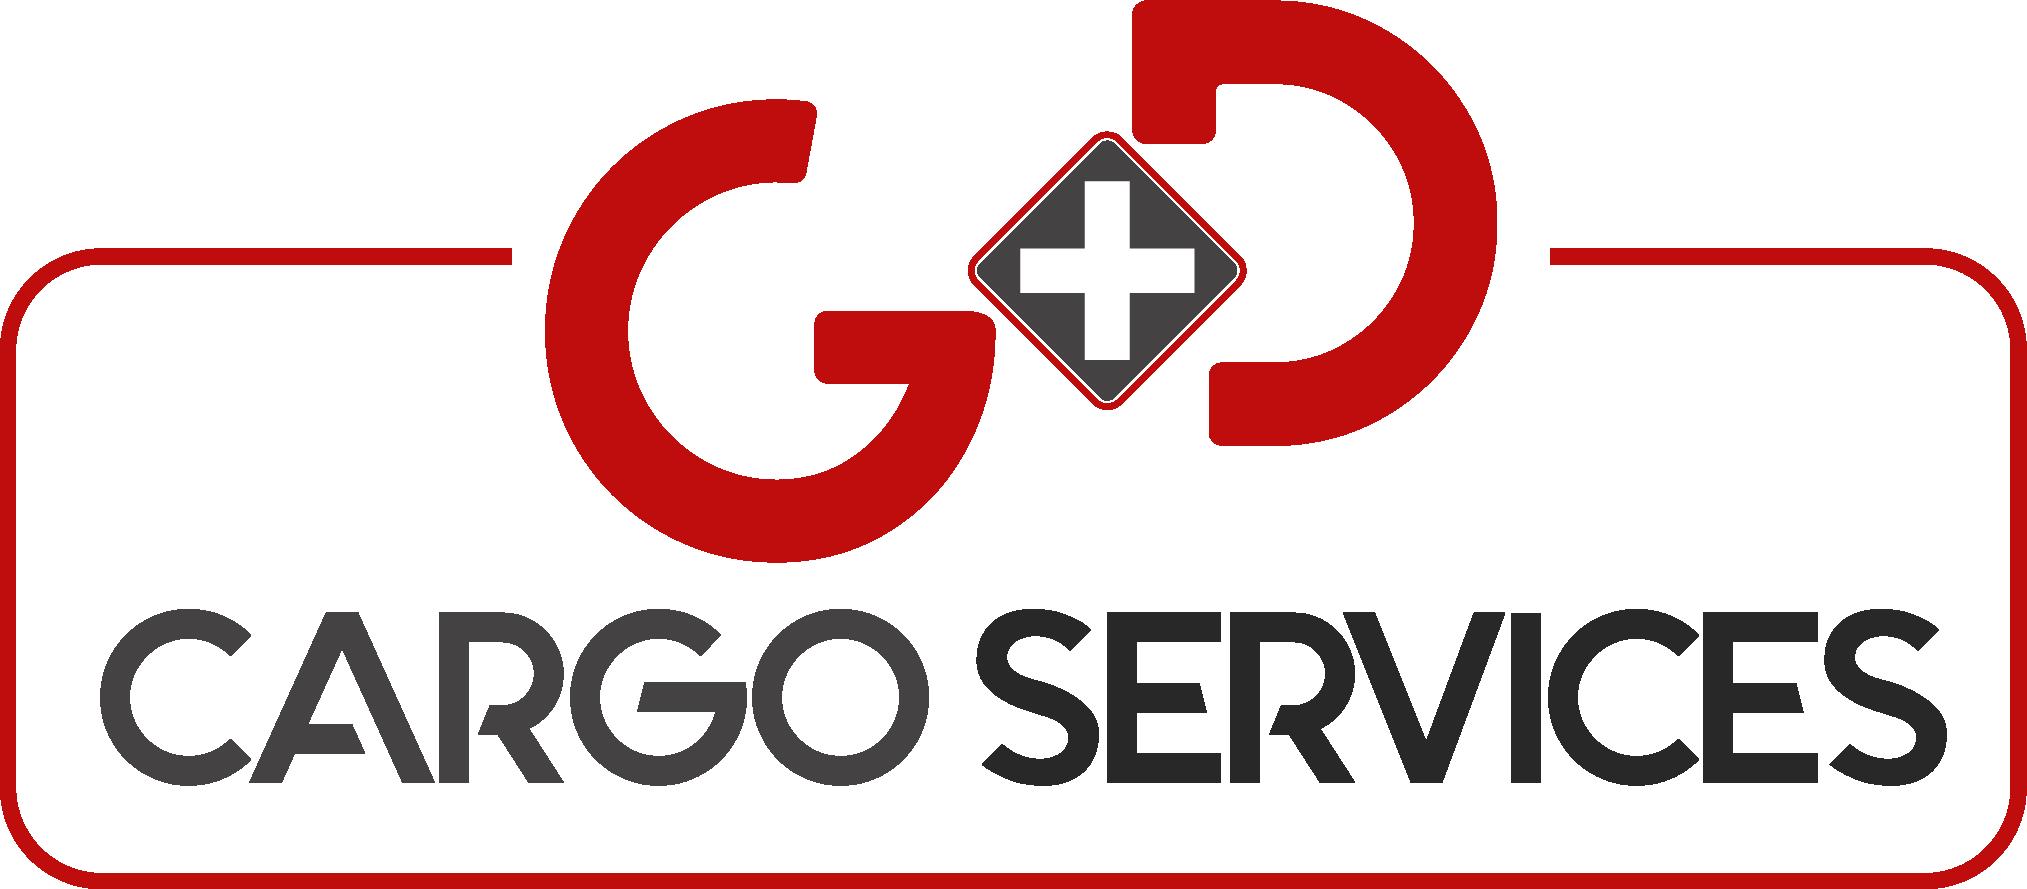 gdcargoservices